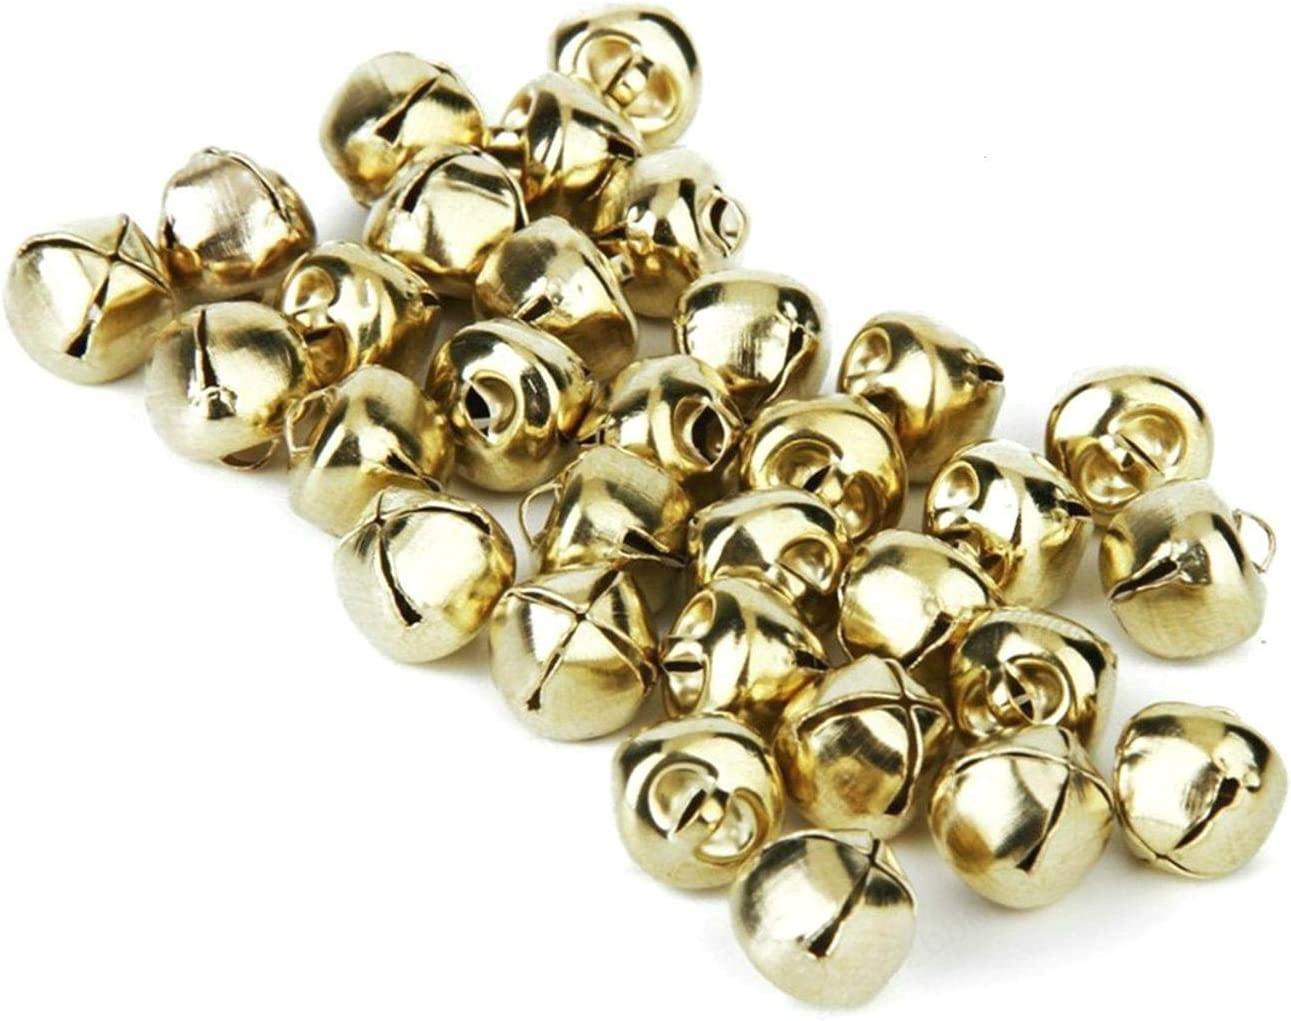 Gold Tone 100 St/ück Wuyee Jingle Bells Small Bells Metall Zubeh/ör f/ür Schmuckherstellung Anh/änger Weihnachtsdekoration Craft DIY